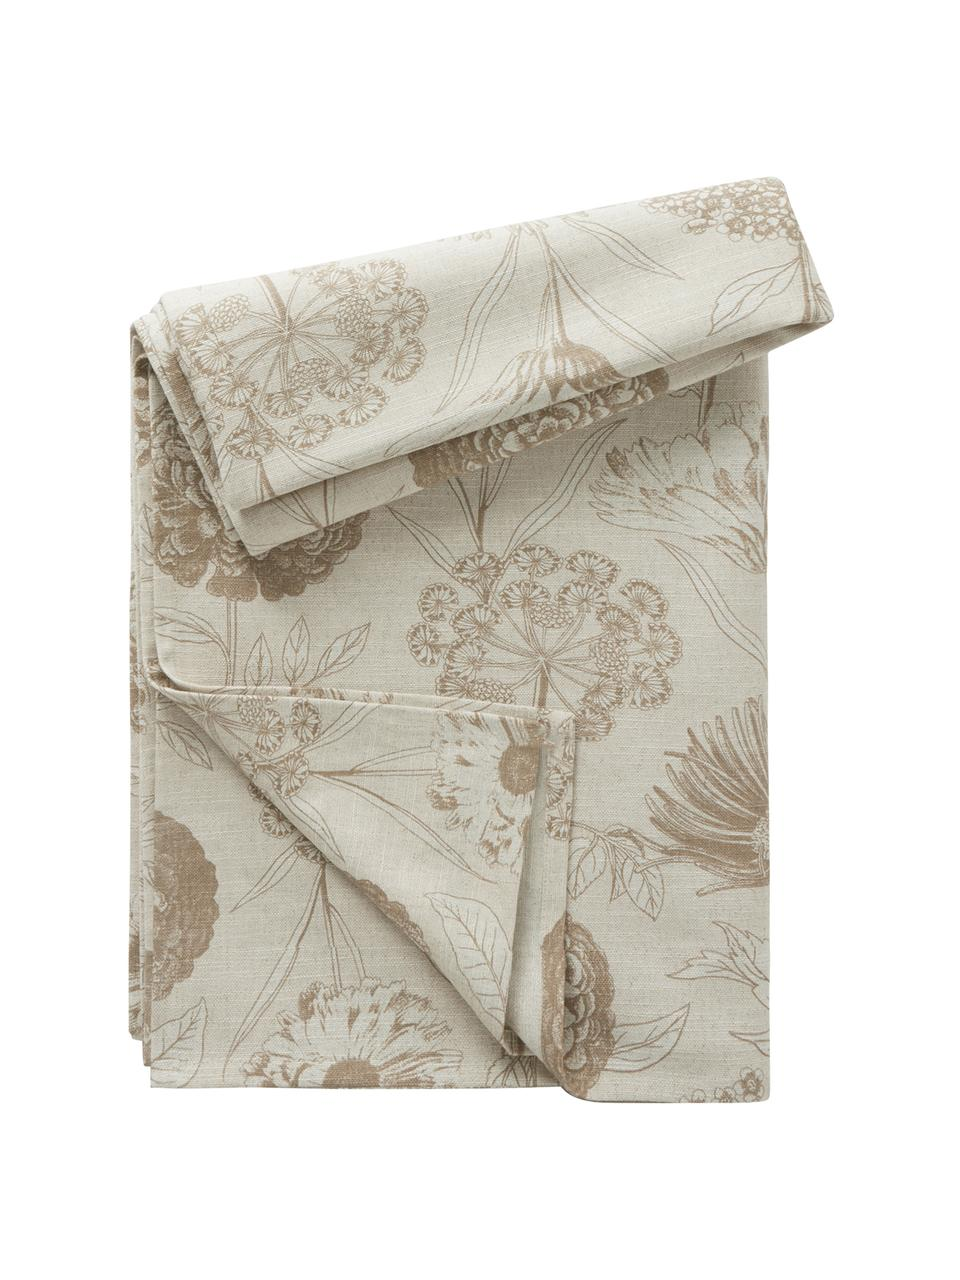 Baumwoll-Tischdecke Freya mit Blumenmotiv, 86% Baumwolle, 14% Leinen, Beige, Braun, Für 4 - 6 Personen (B 145 x L 200 cm)